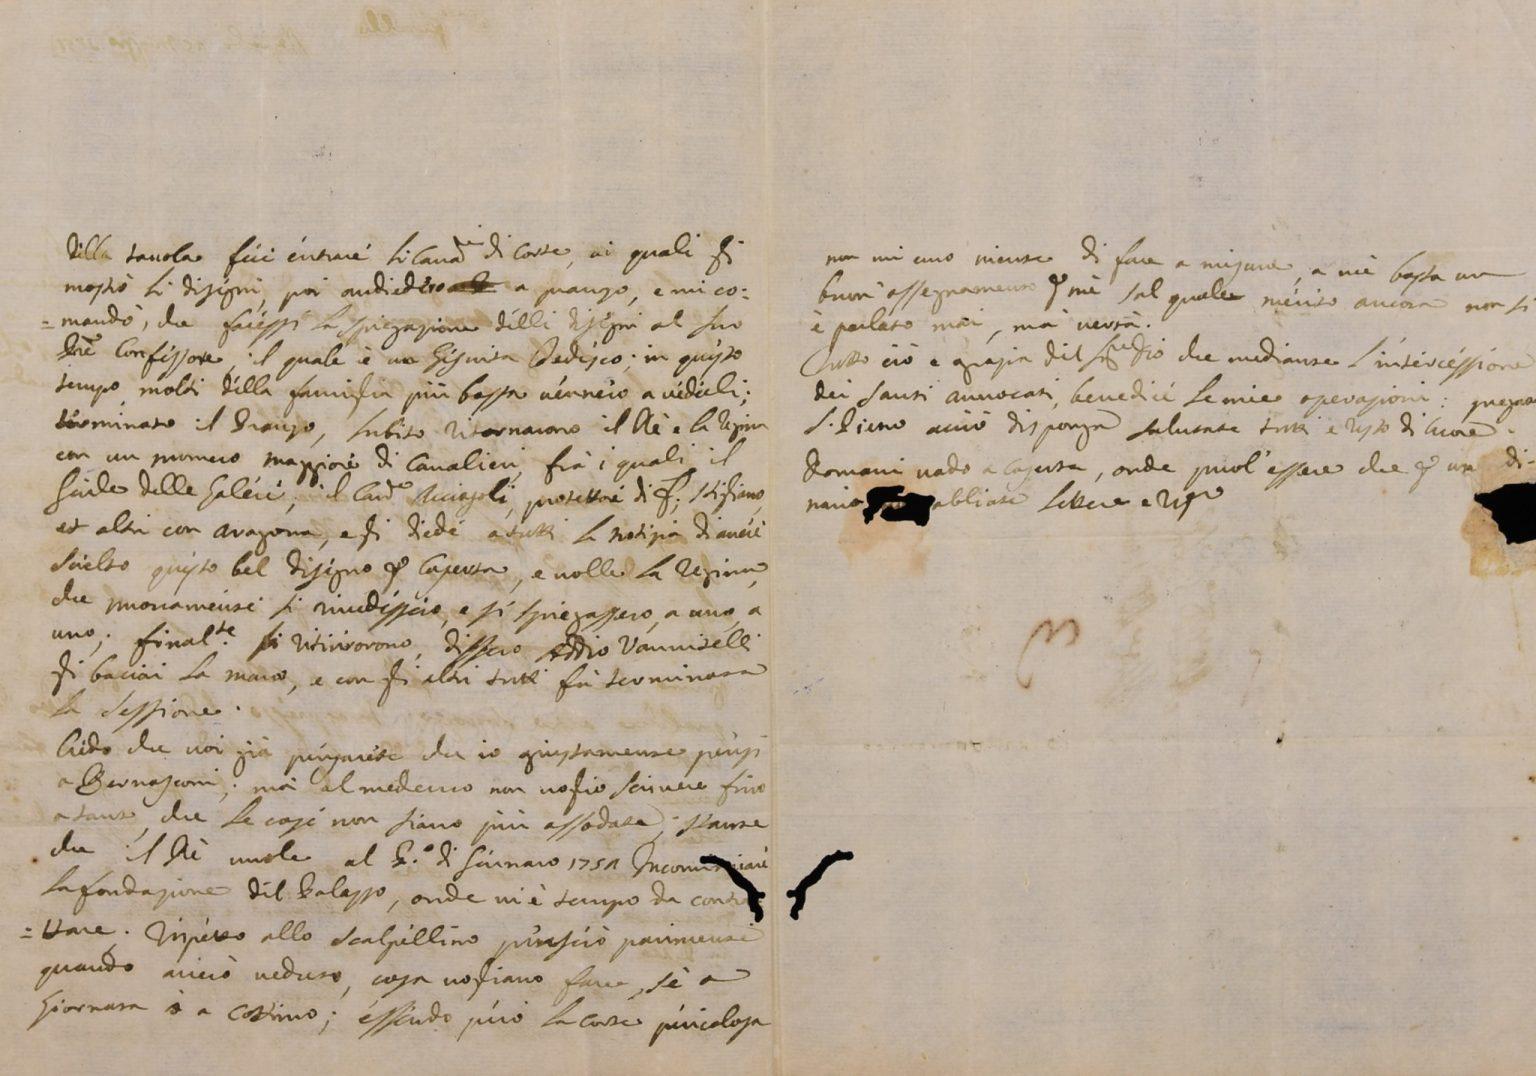 Lettera di Luigi Vanvitelli